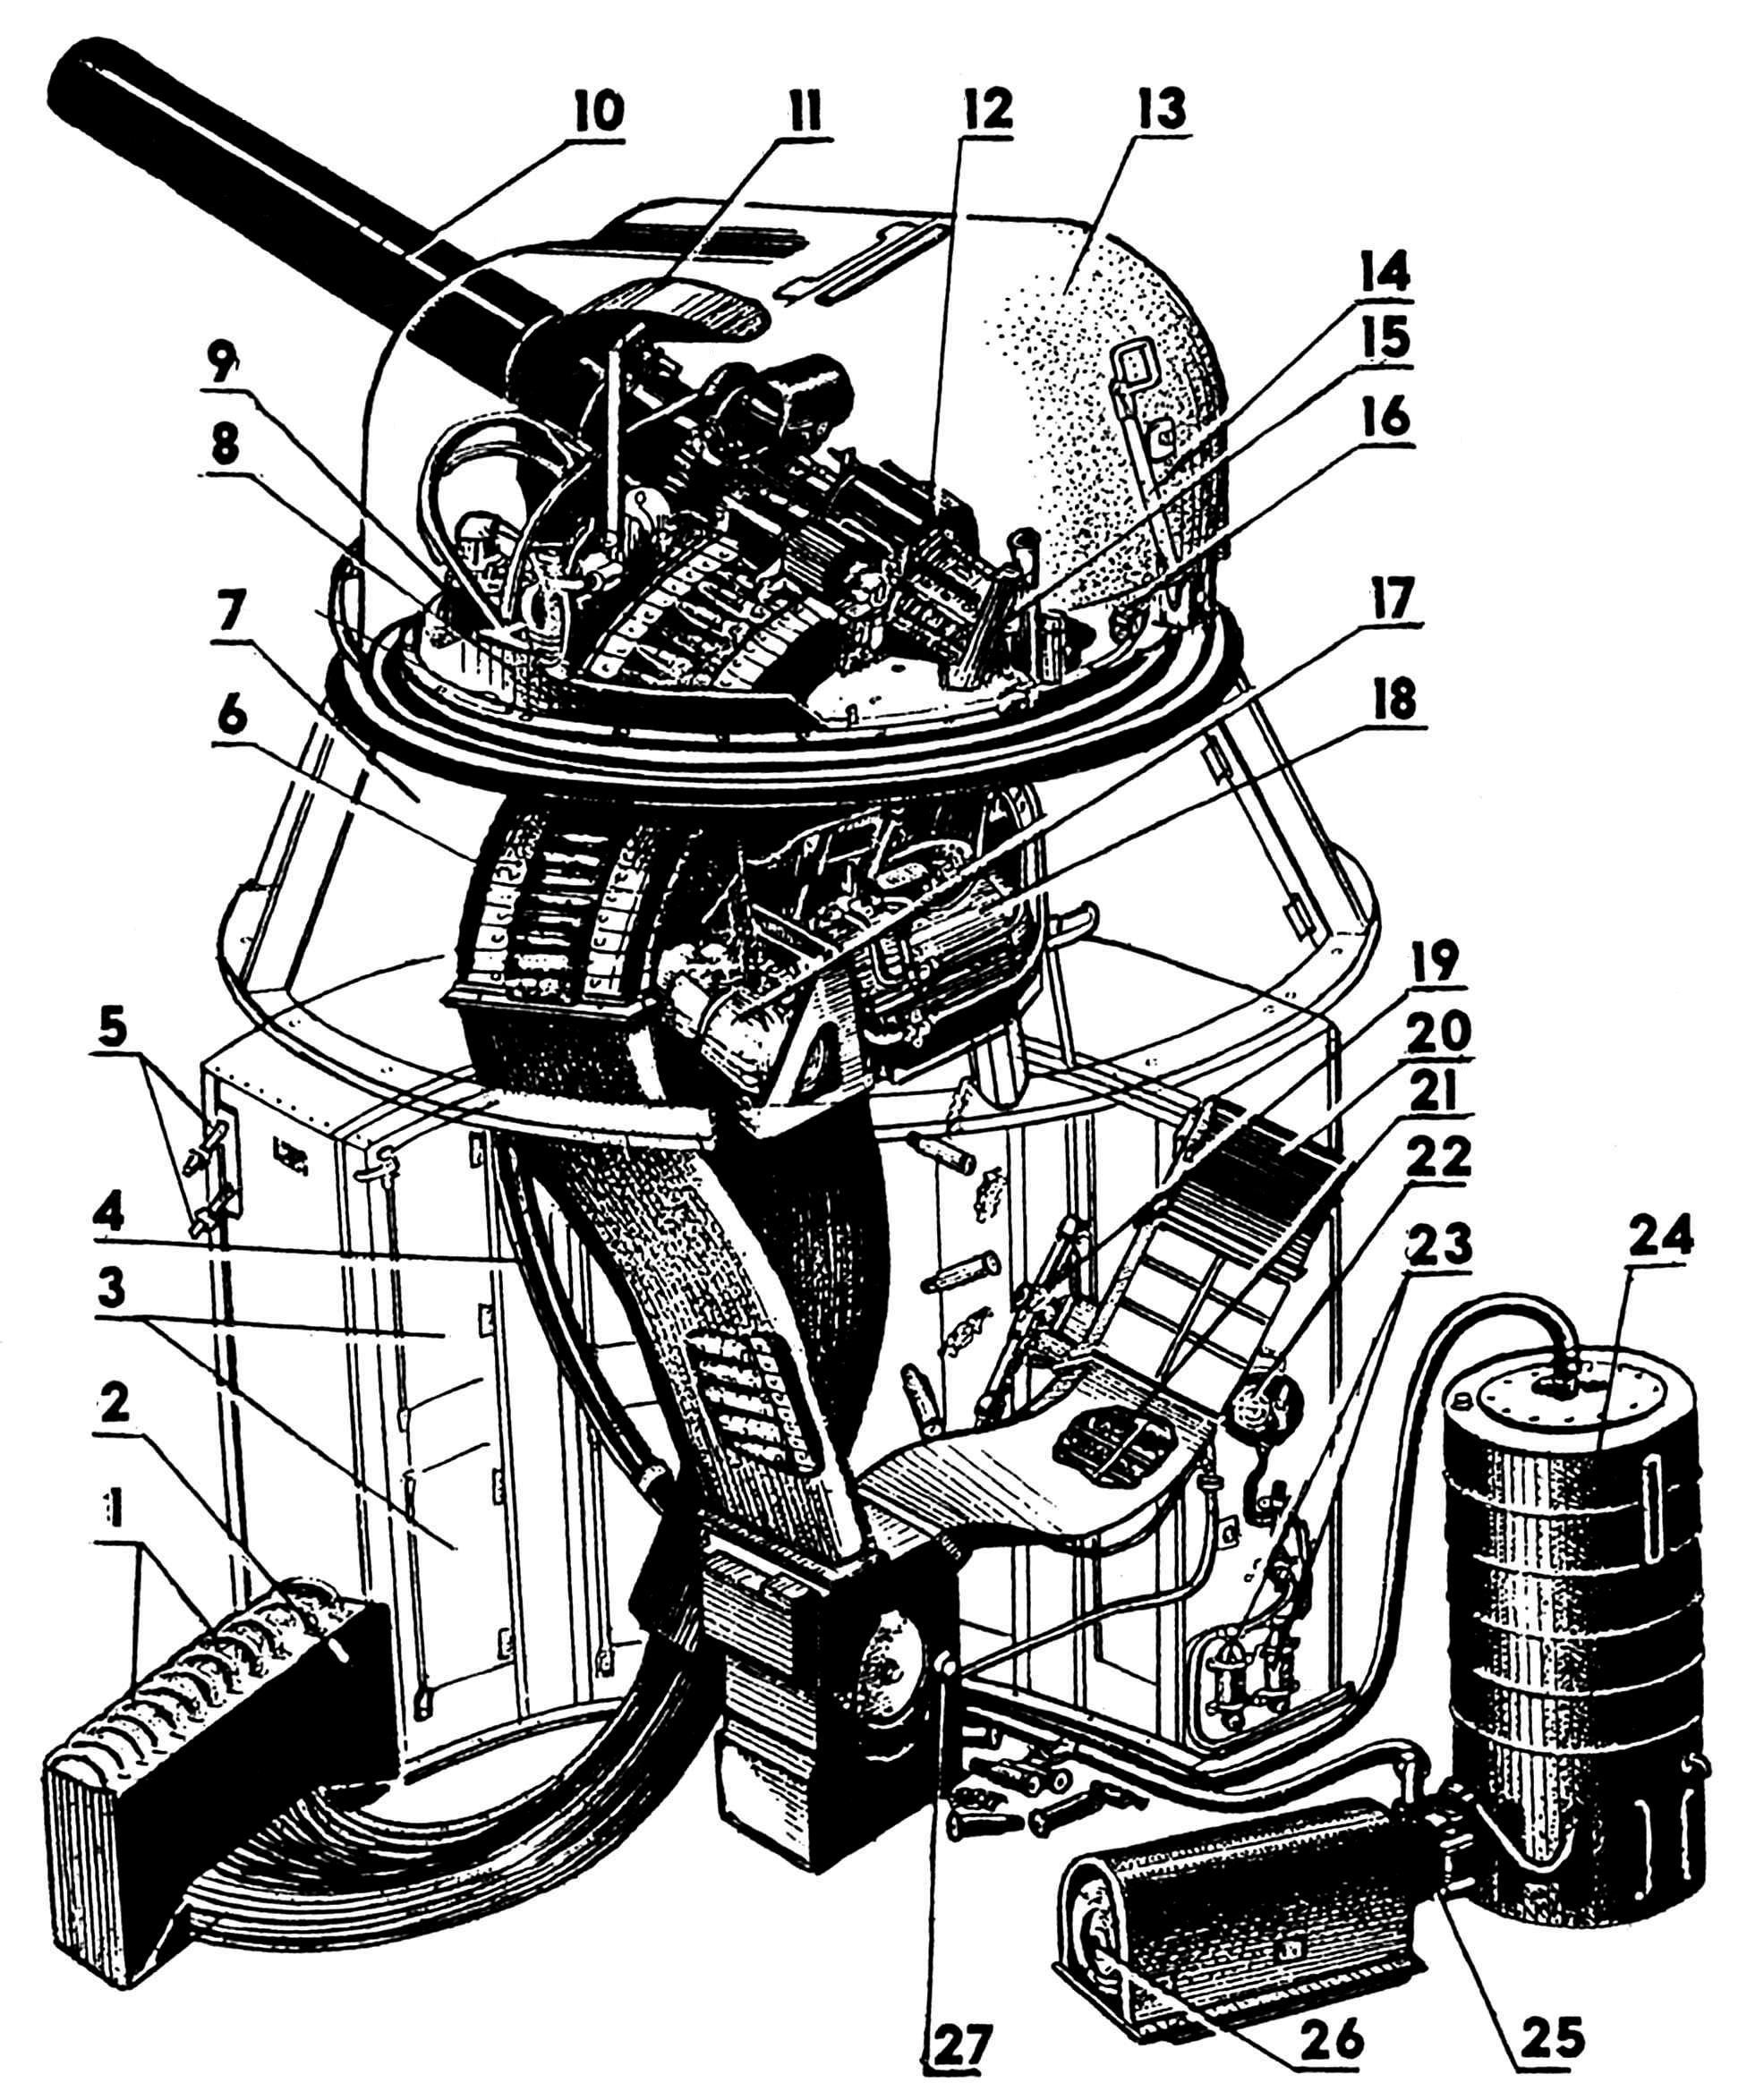 Устройство пушки АК-630М: 1 — кабели, 2 — блок управления, 3 — магазин со створками, 4 — шланги охлаждения, 5 — штыри для крепления лебедки, 6 — рукав питания, 7 — барбет, 8 — станок, 9 — механизм управления цепями стрельбы и торможения, 10 — блок стволов, 11 — маска, 12 — гильзозвеньеотвод, 13 — обтекатель, 14— цилиндр подъема люка, 15 — стопор «по-походному», 16 — буфер горизонтальный, 17 — гидронасос привода ВН, 18 — гидронасос привода ГН, 19 — пневмоподтяг, 20 — крышка горловины, 21 — рукав подачи звеньев, 22 — ресивер, 23 — масло-влагоотделители, 24 — бак охлаждения, 25 — насос системы охлаждения, 26 — электродвигатель, 27 — рычаг ручной подачи.